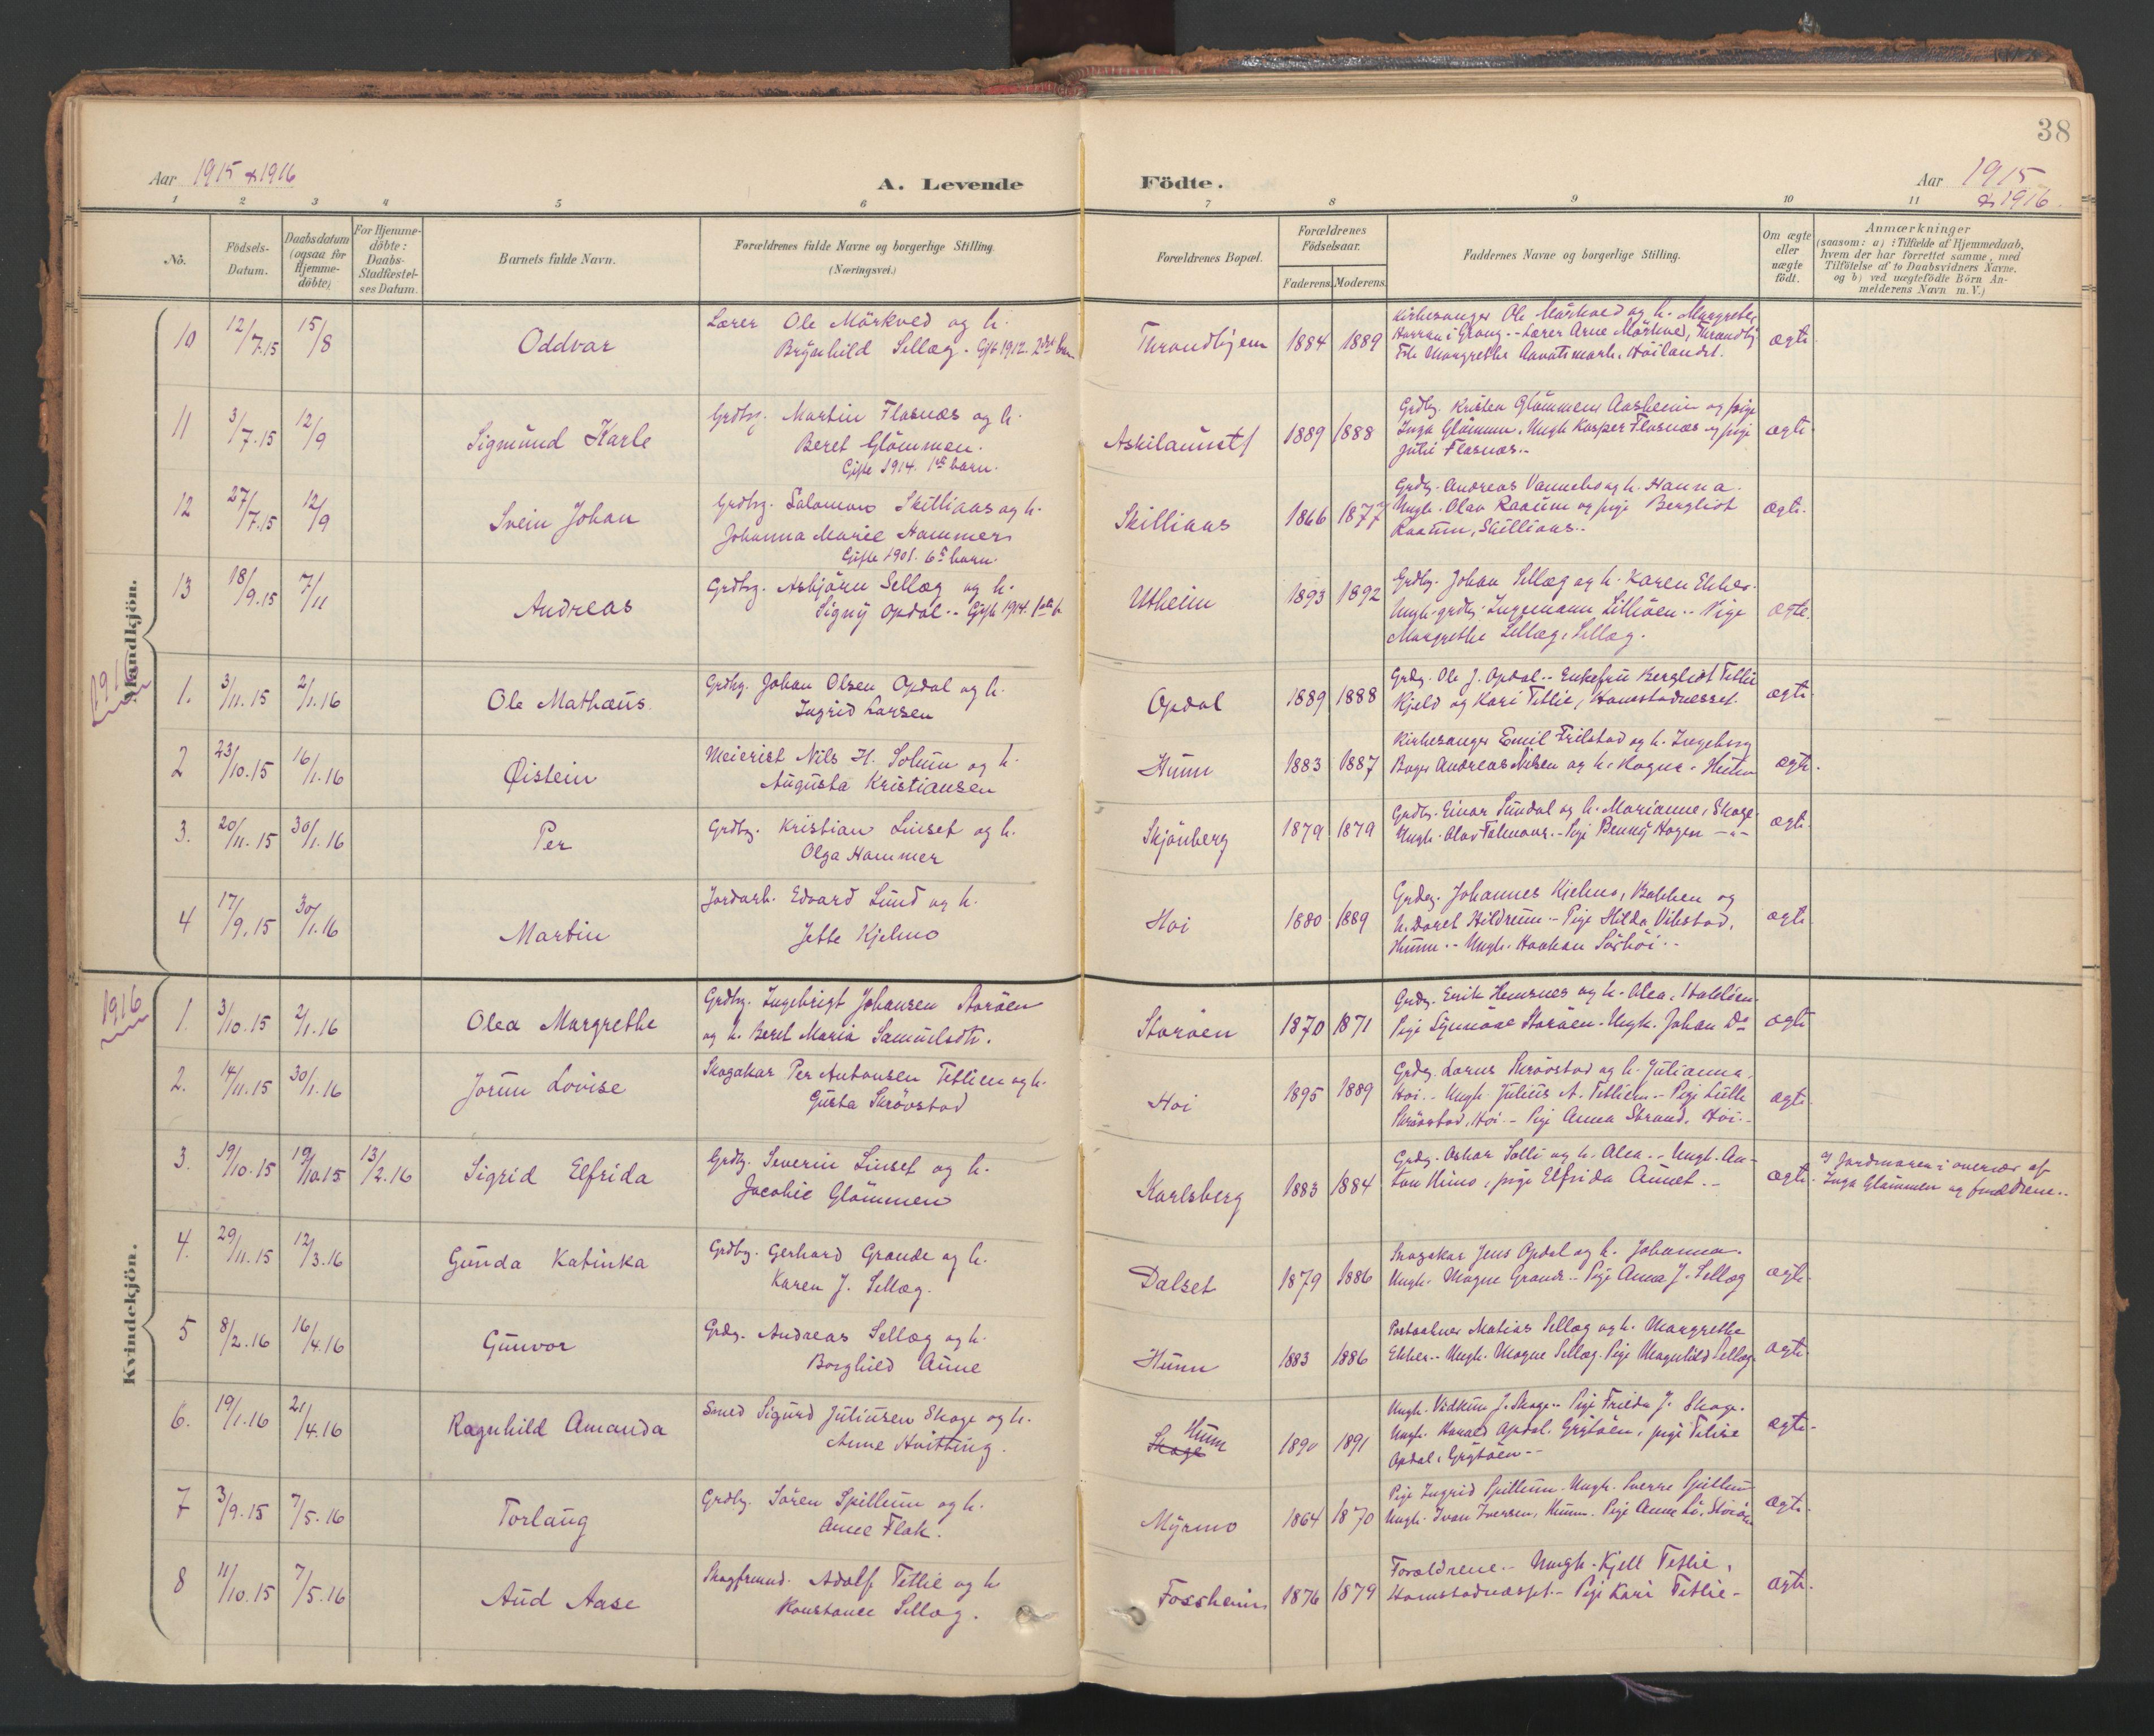 SAT, Ministerialprotokoller, klokkerbøker og fødselsregistre - Nord-Trøndelag, 766/L0564: Ministerialbok nr. 767A02, 1900-1932, s. 38